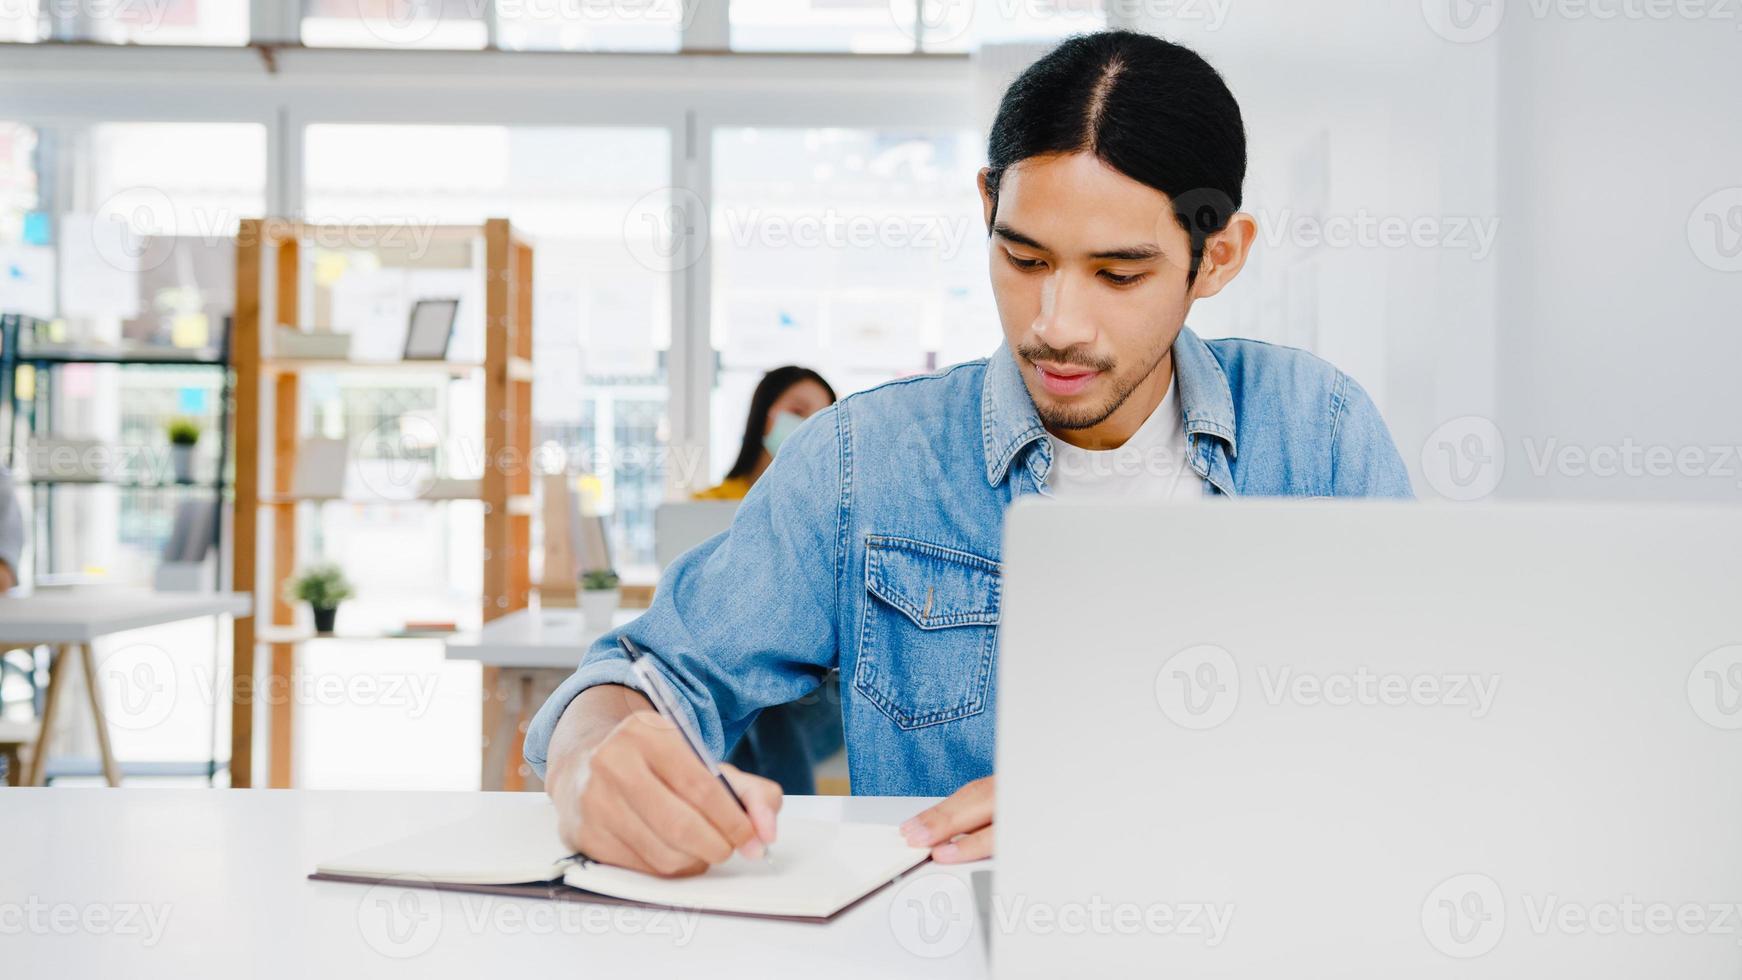 Asiatischer Geschäftsmann soziale Distanzierung in neuer normaler Situation zur Virenprävention mit Laptop-Präsentation an Kollegen über den Plan im Videoanruf während der Arbeit im Home Office. Lebensstil nach dem Corona-Virus. foto